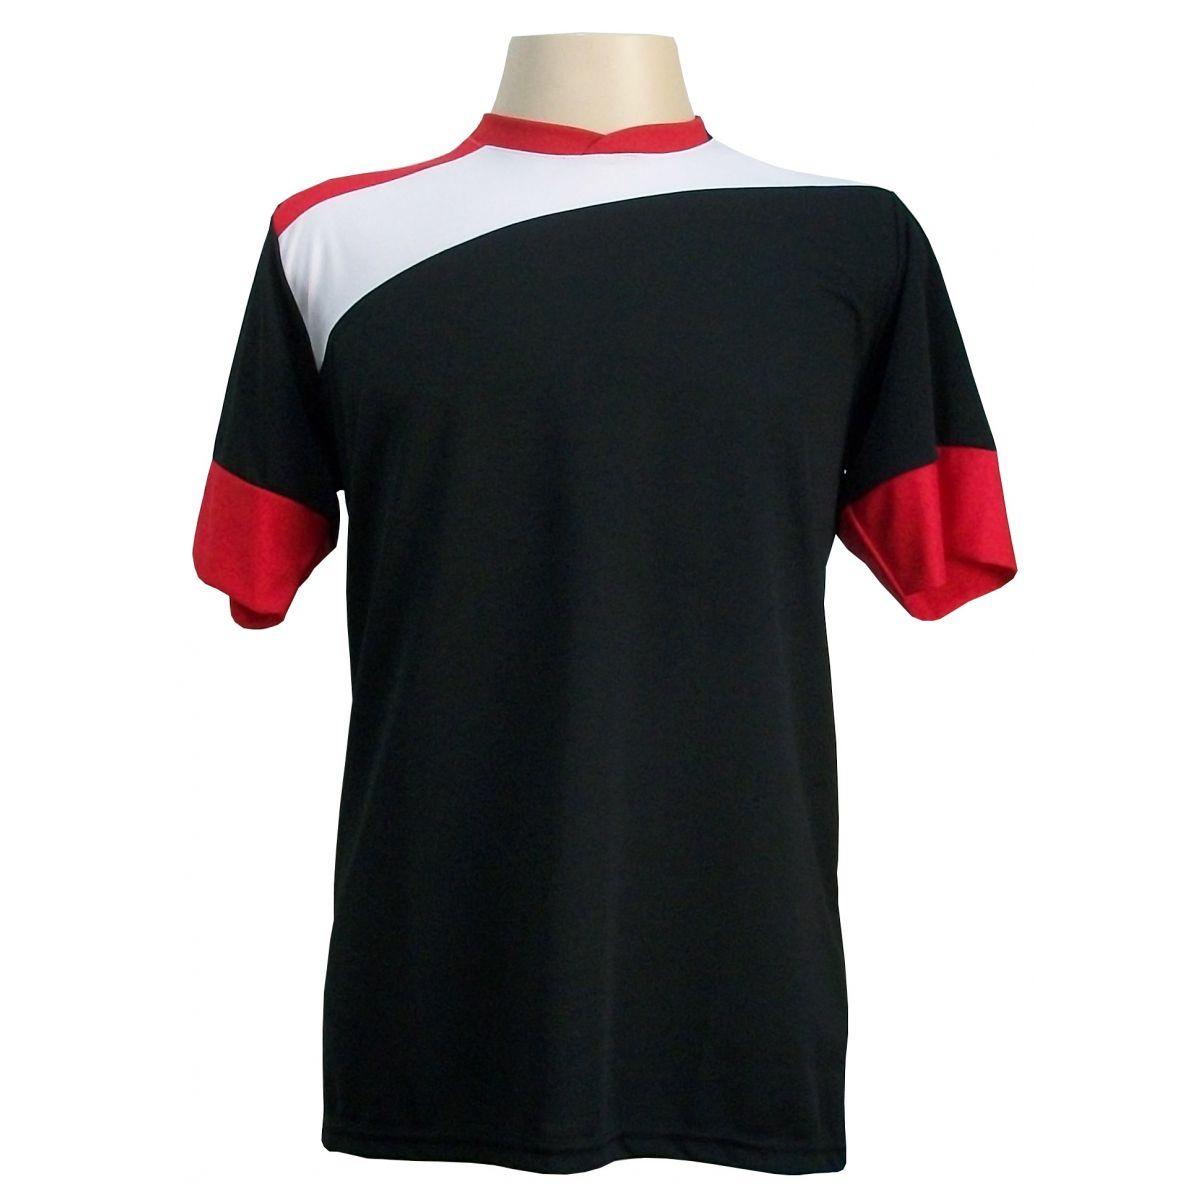 Uniforme Esportivo com 14 camisas modelo Sporting Preto/Branco/Vermelho + 14 calções modelo Copa + 1 Goleiro + Brindes